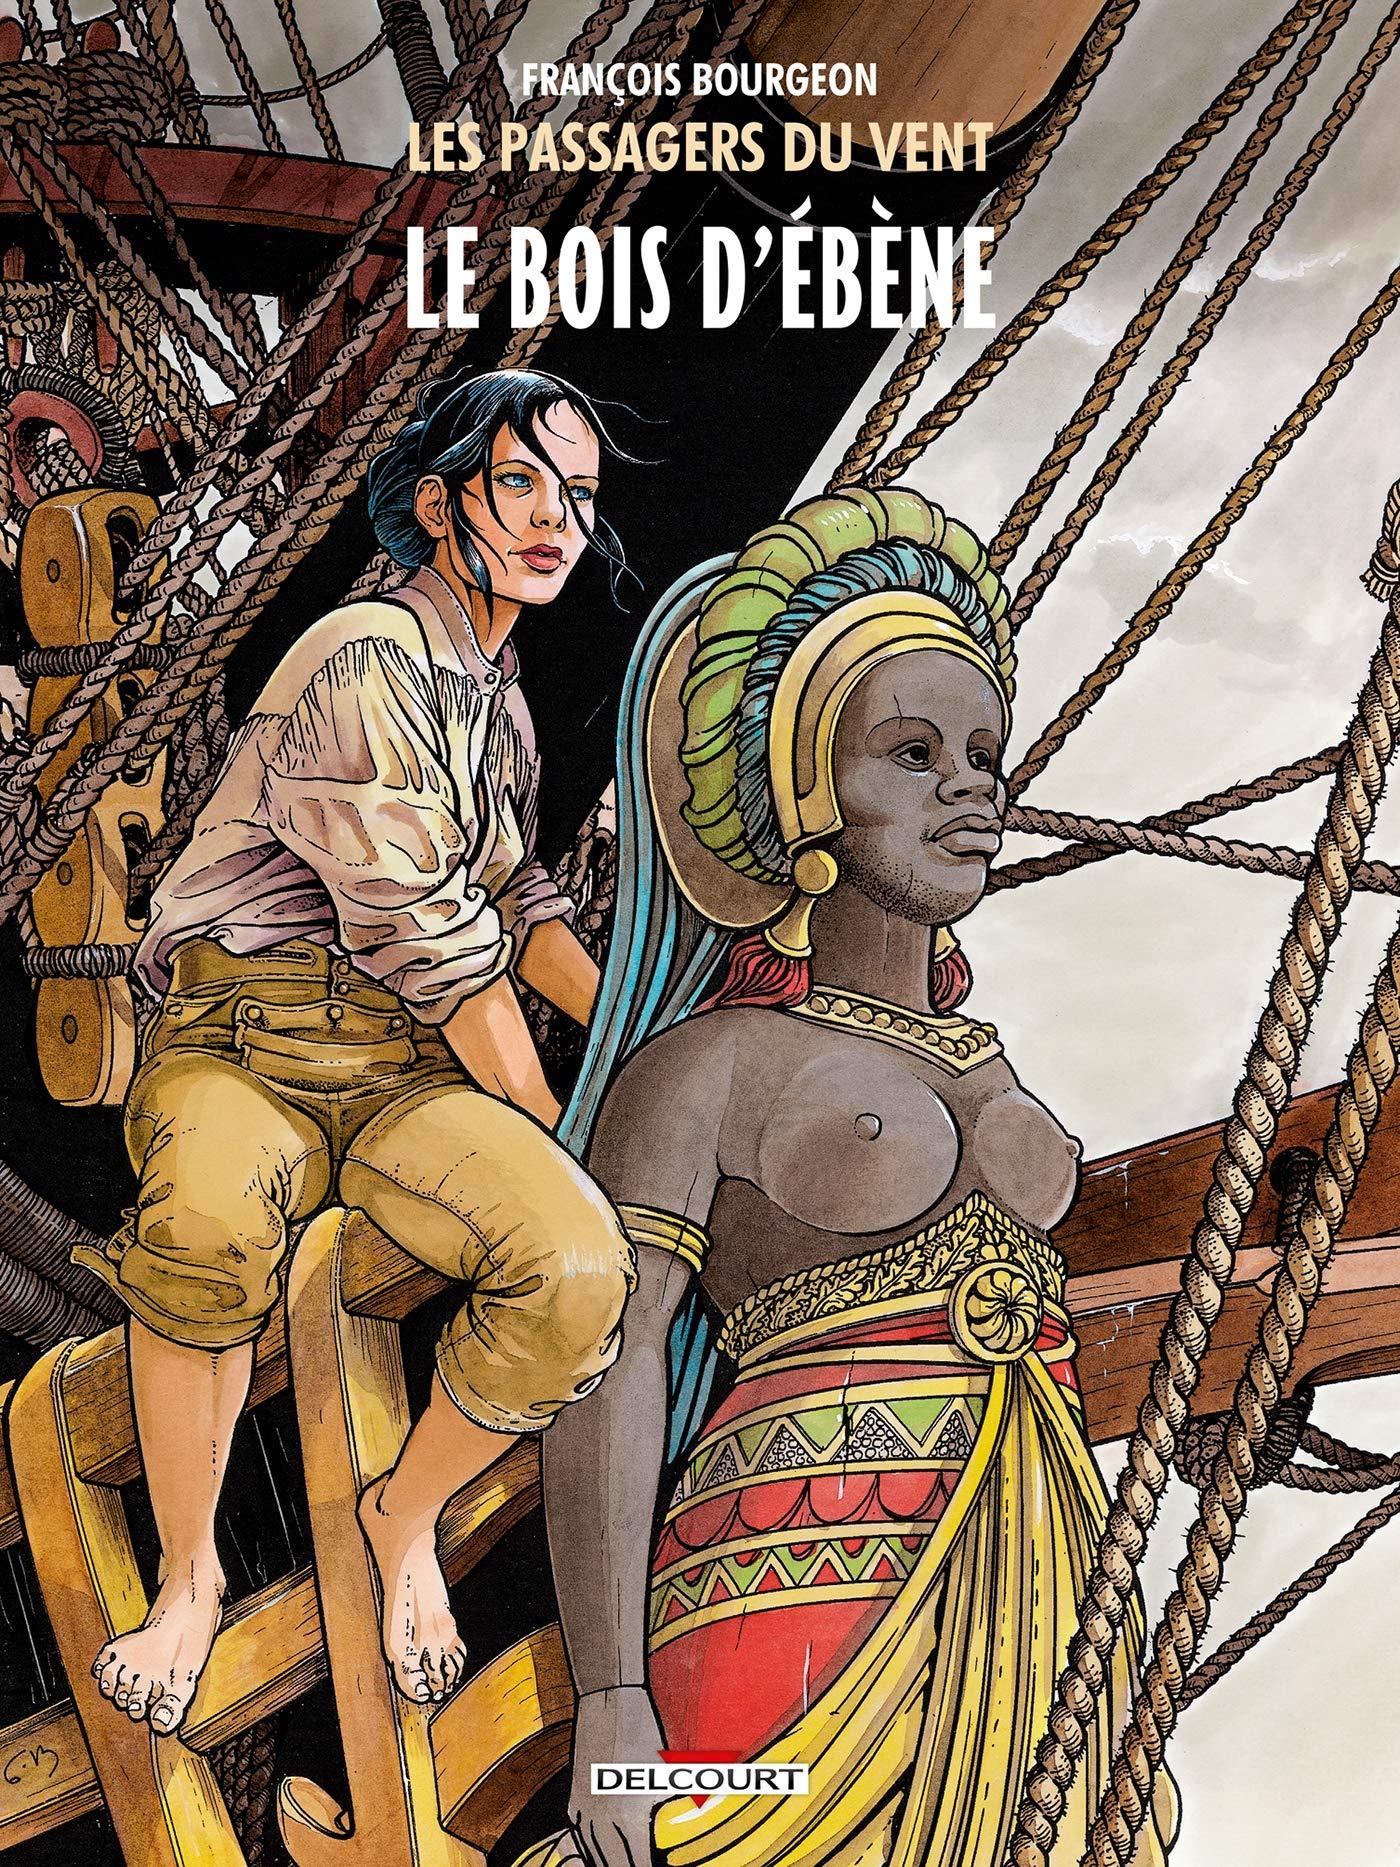 Les Passagers du vent T05: Le Bois d'ébène: Amazon.co.uk: Bourgeon,  François, Bourgeon, François: 9782756062280: Books